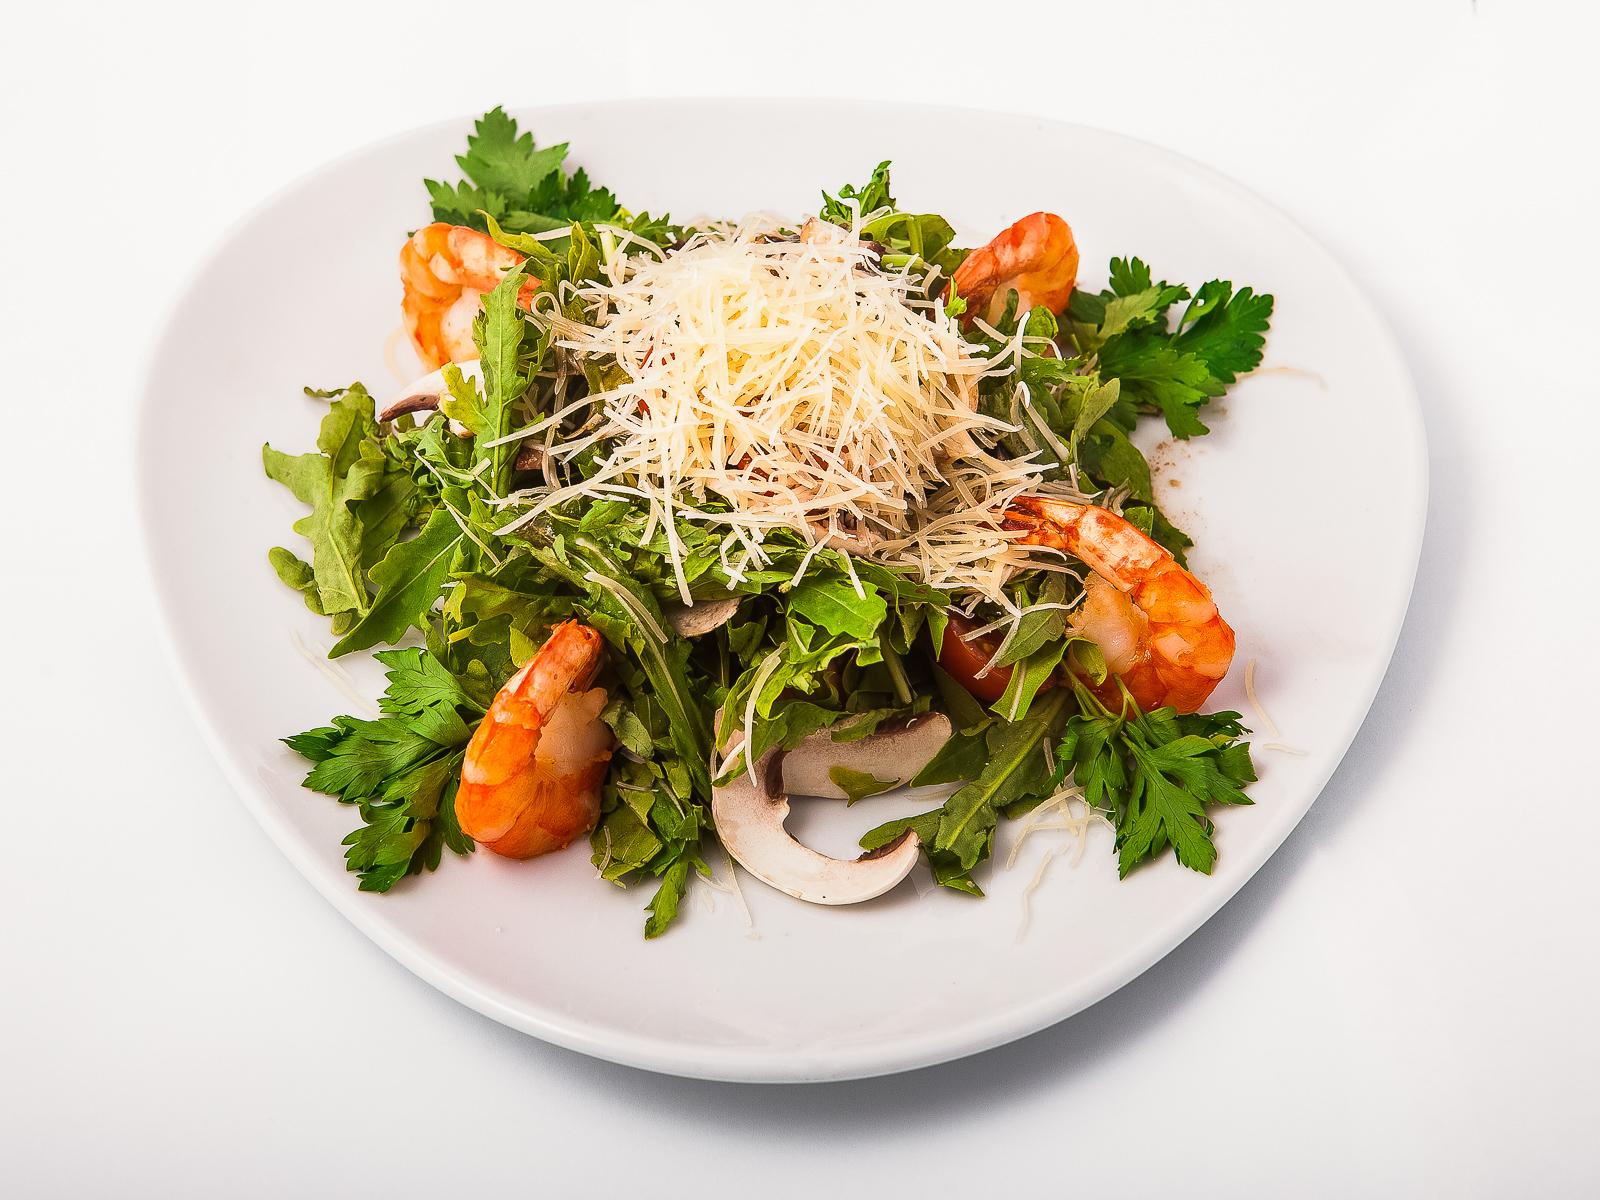 Салат из рукколы с королевскими креветками